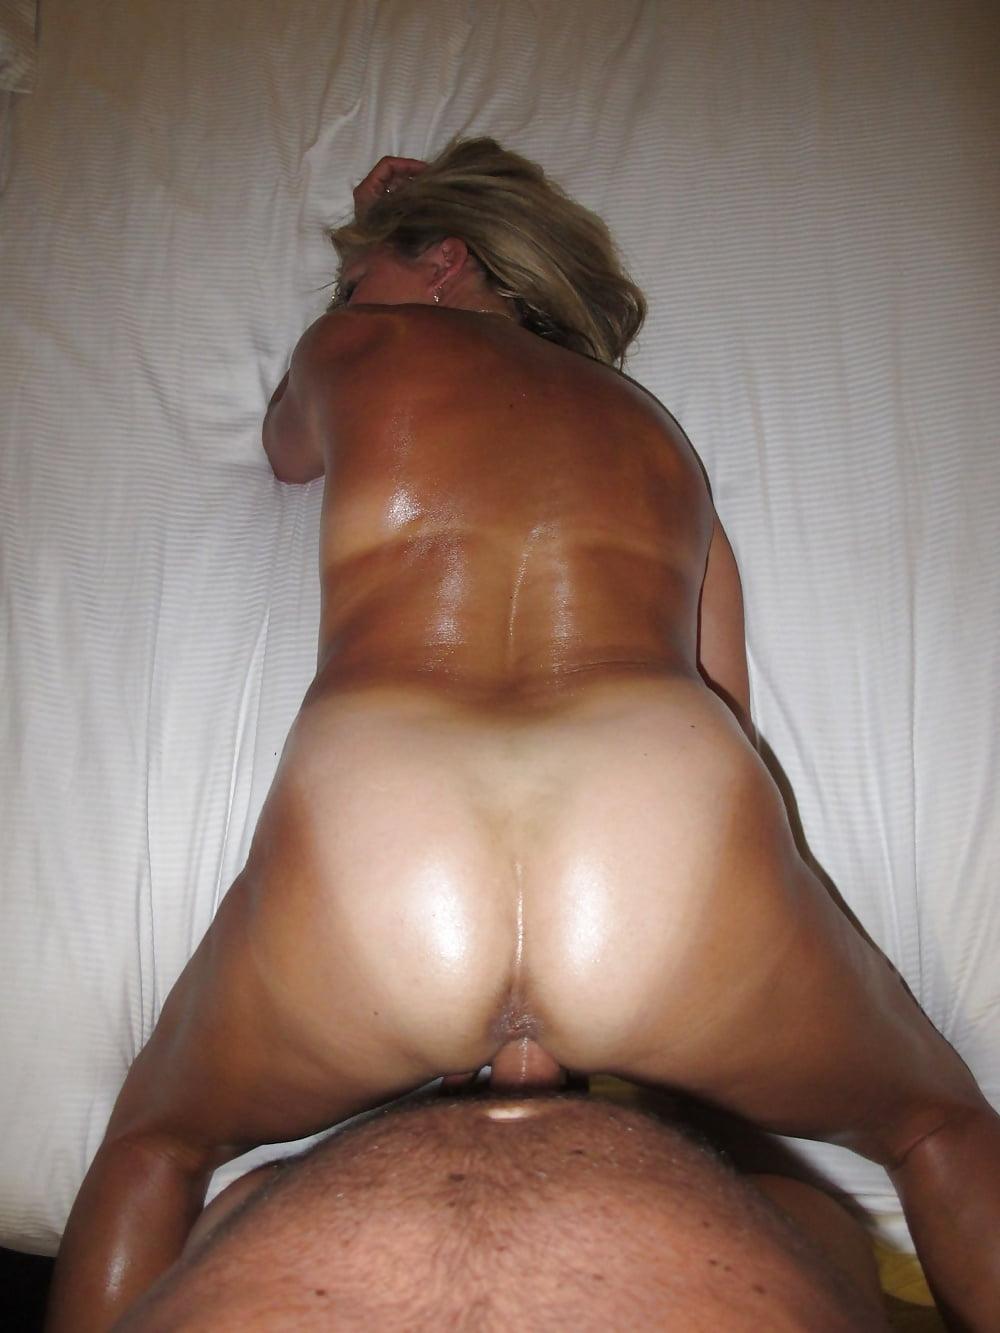 tan-butt-sex